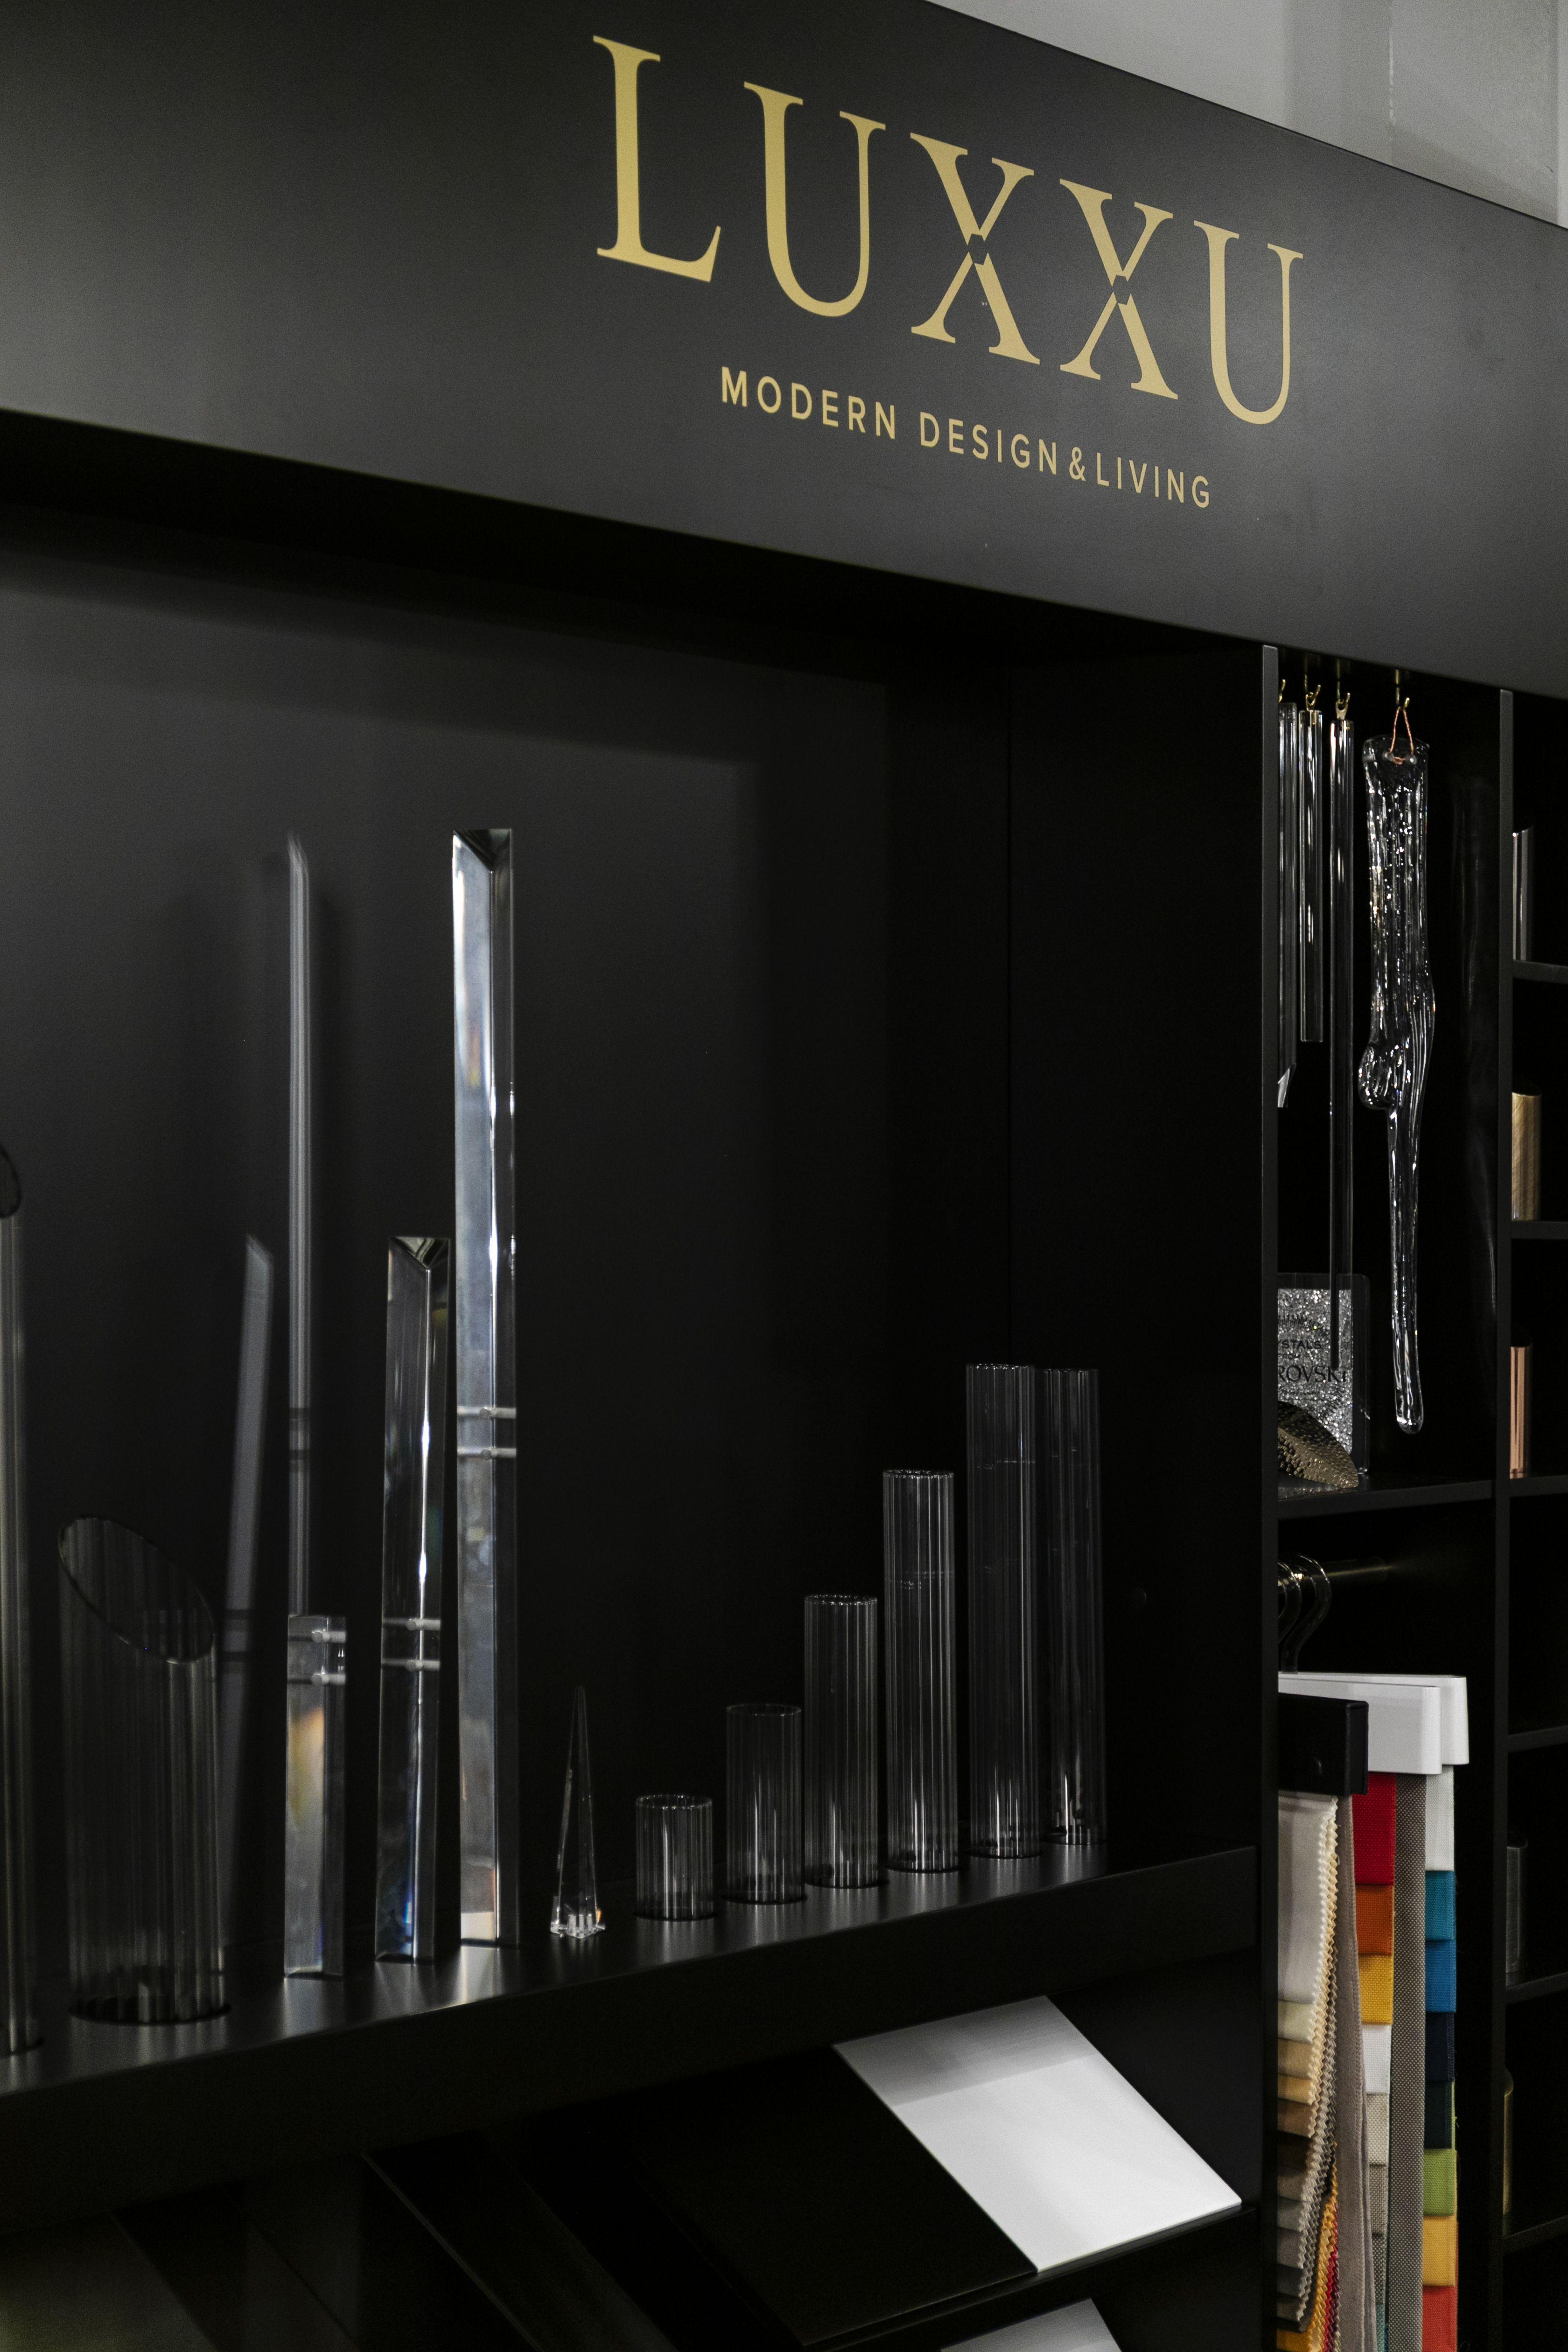 Maison Et Objet 2020 First Highlights Modern Design Paris